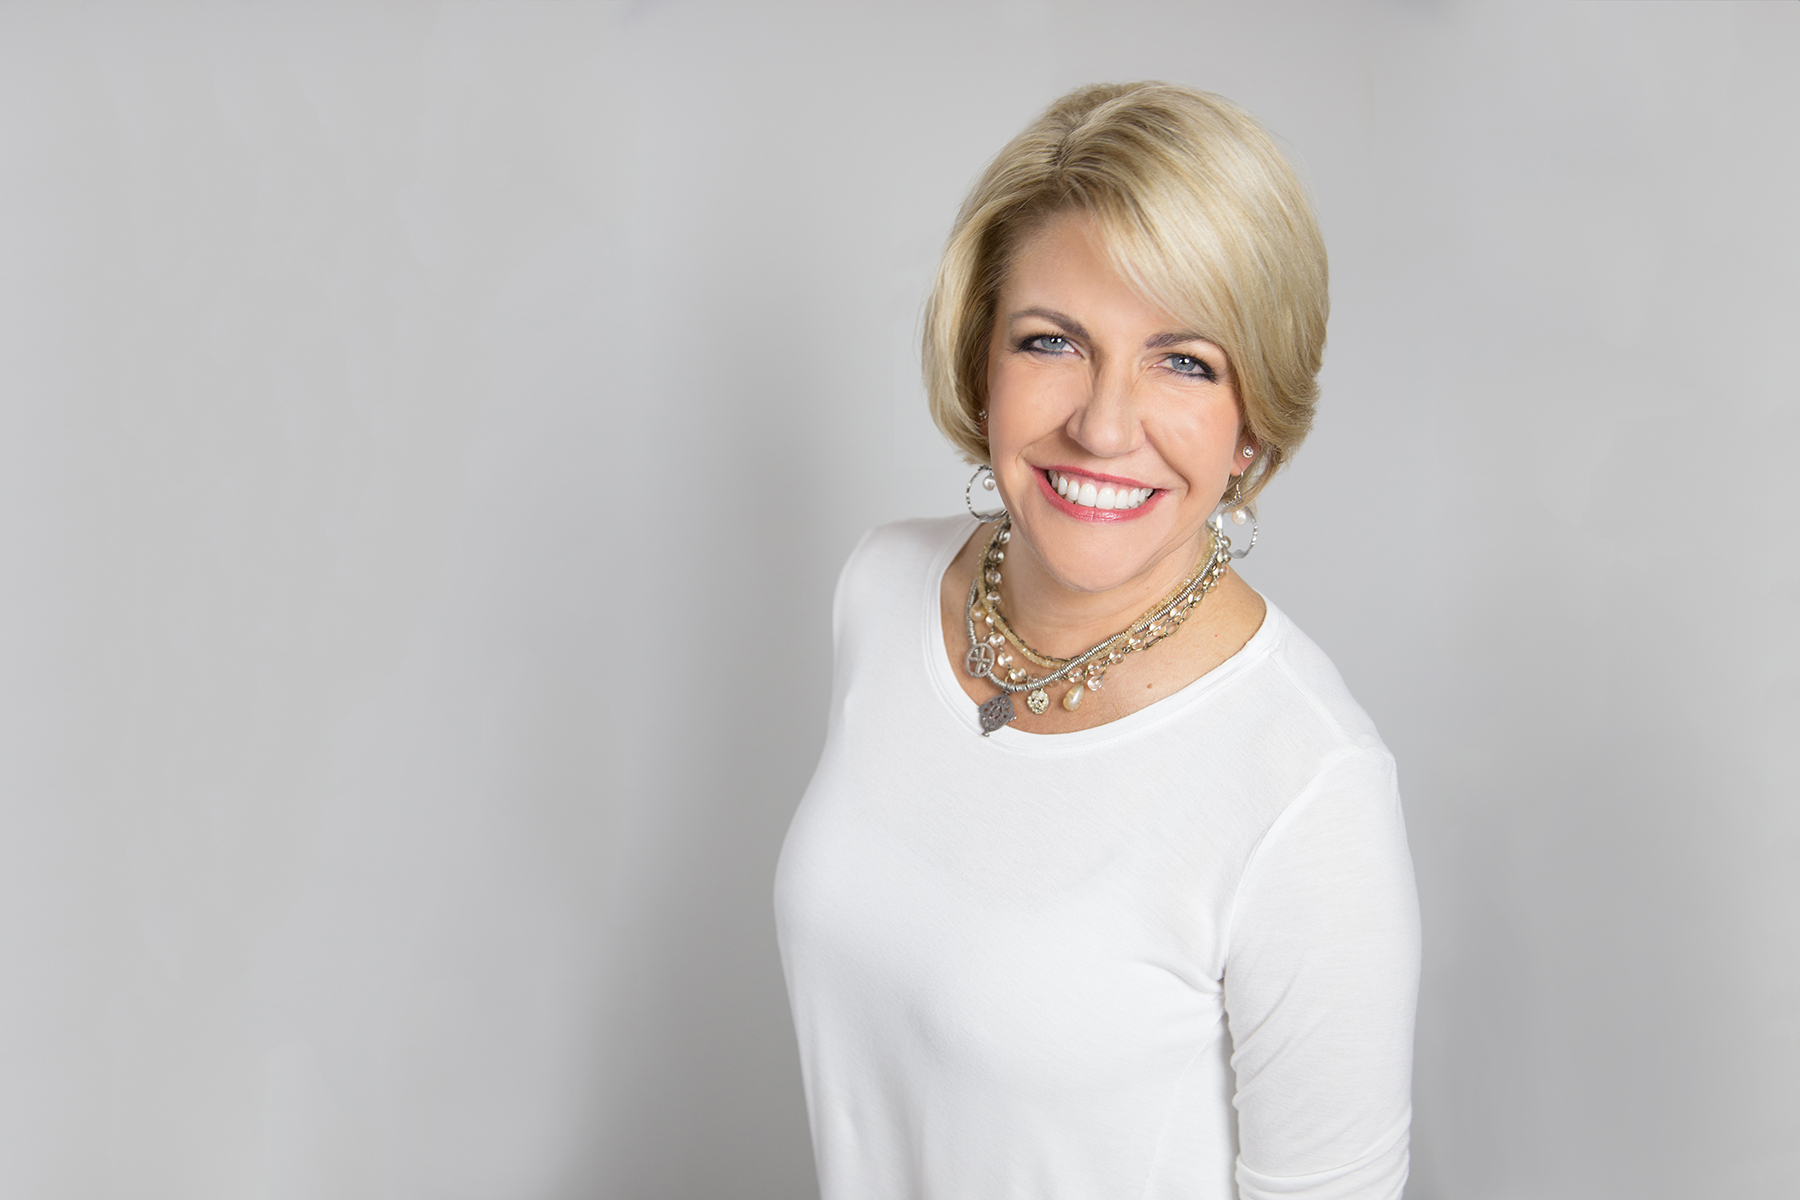 Dr. Haley Ritchey, DDS - Family Dentist In Santa Fe